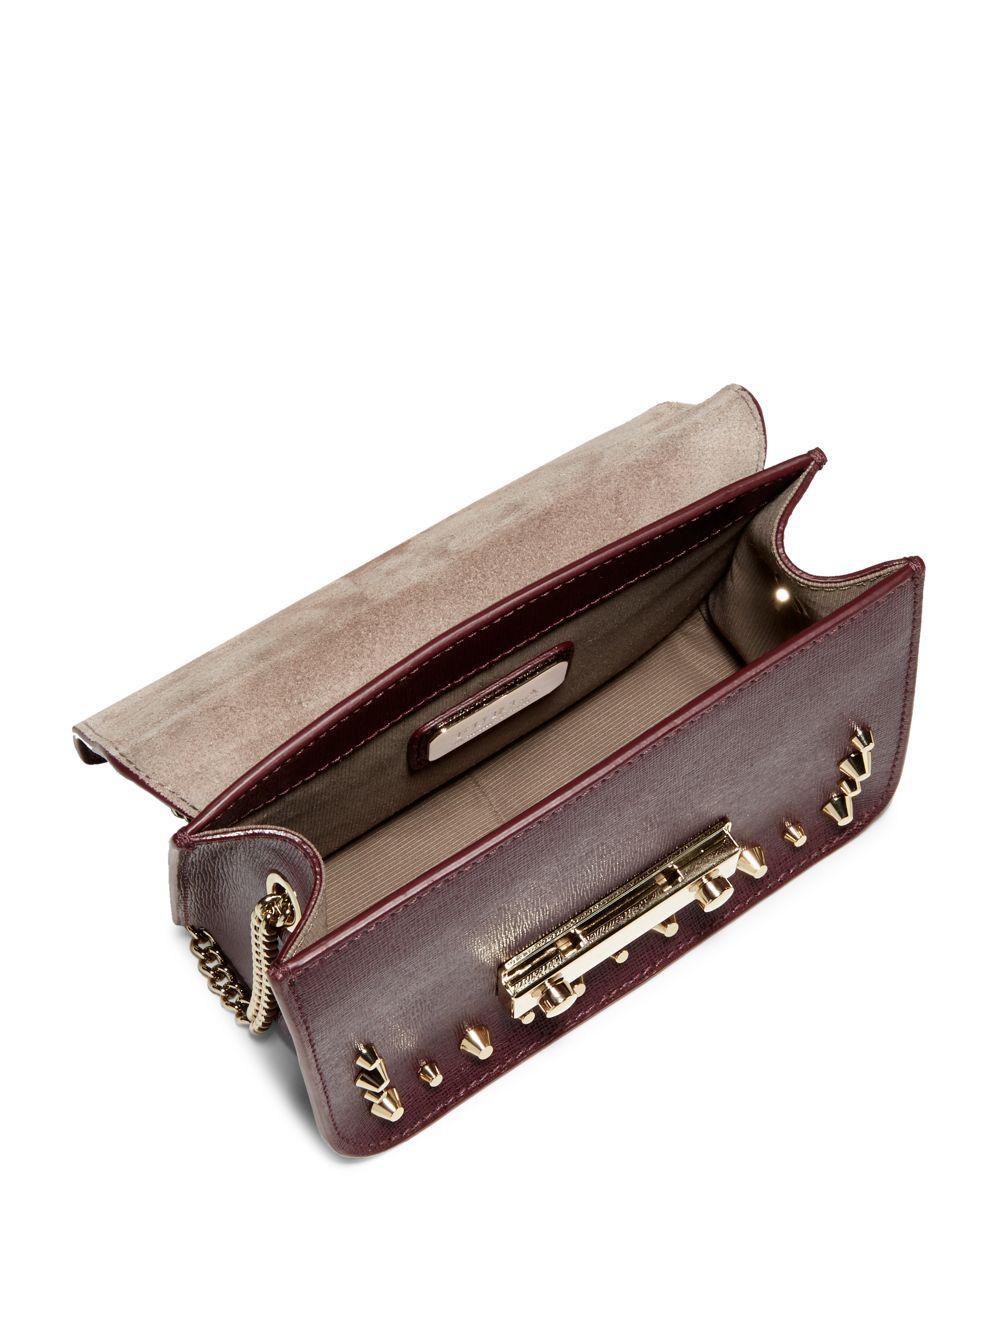 5e9ab01f3bce Furla Julia Mini Leather Crossbody Bag - Lyst